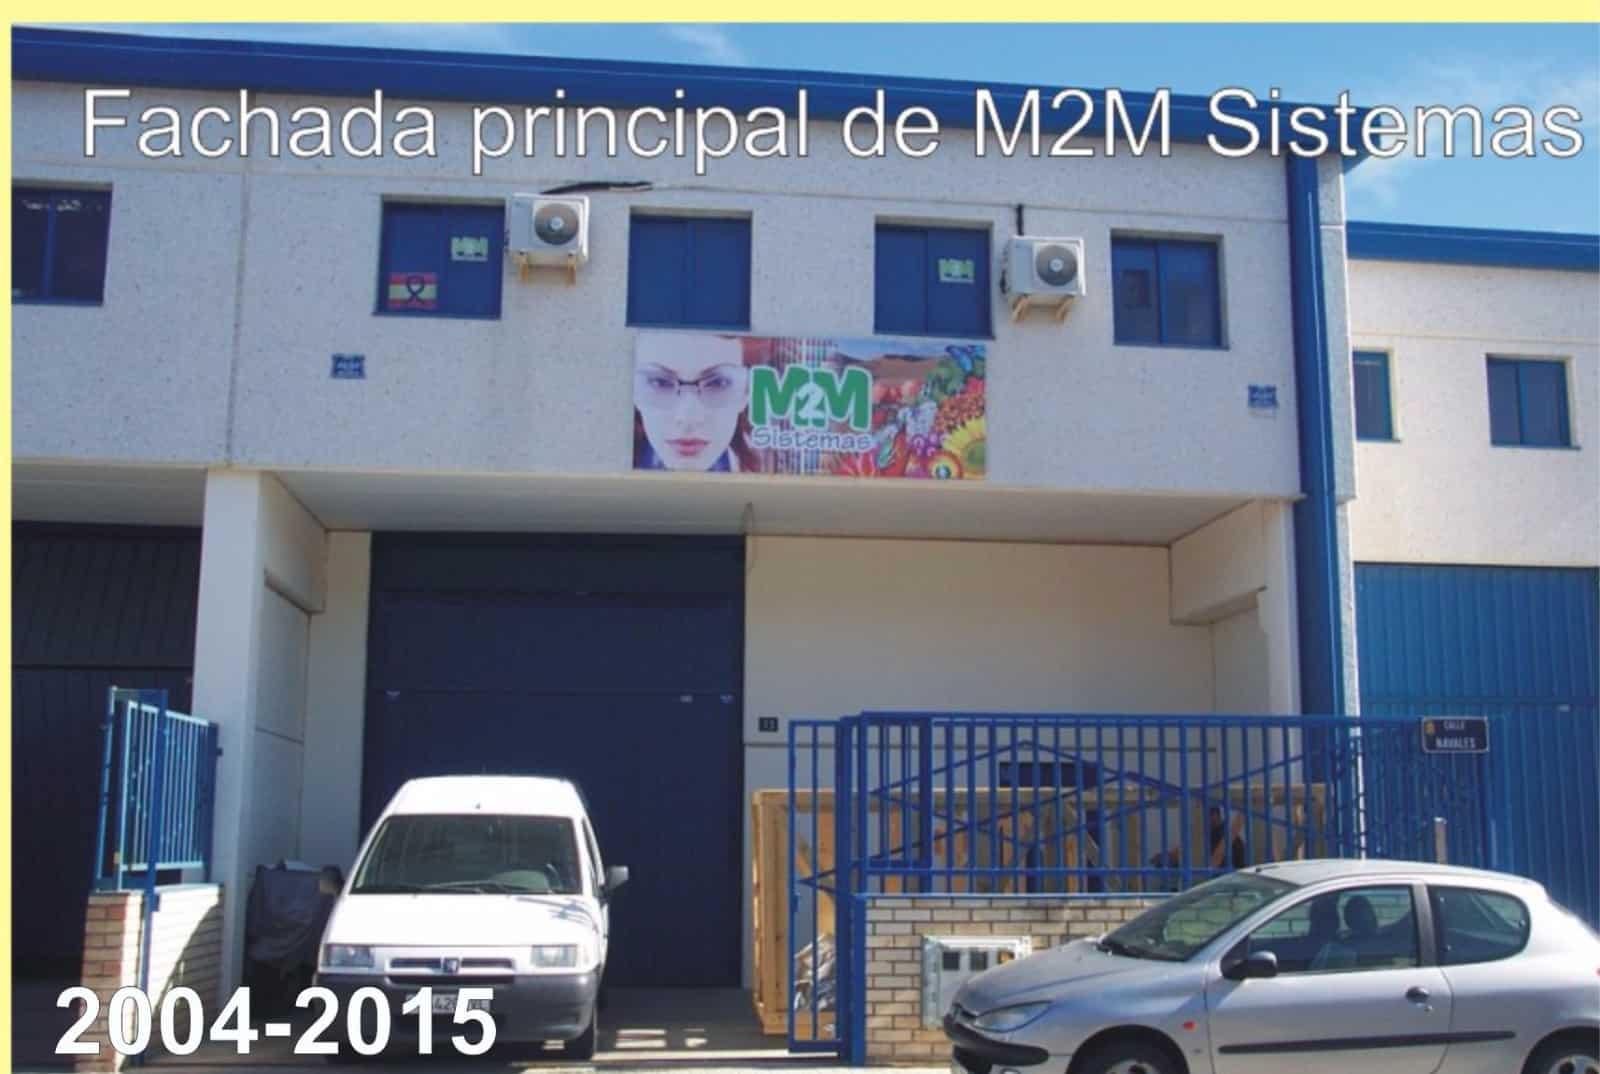 Calle Navales m2m